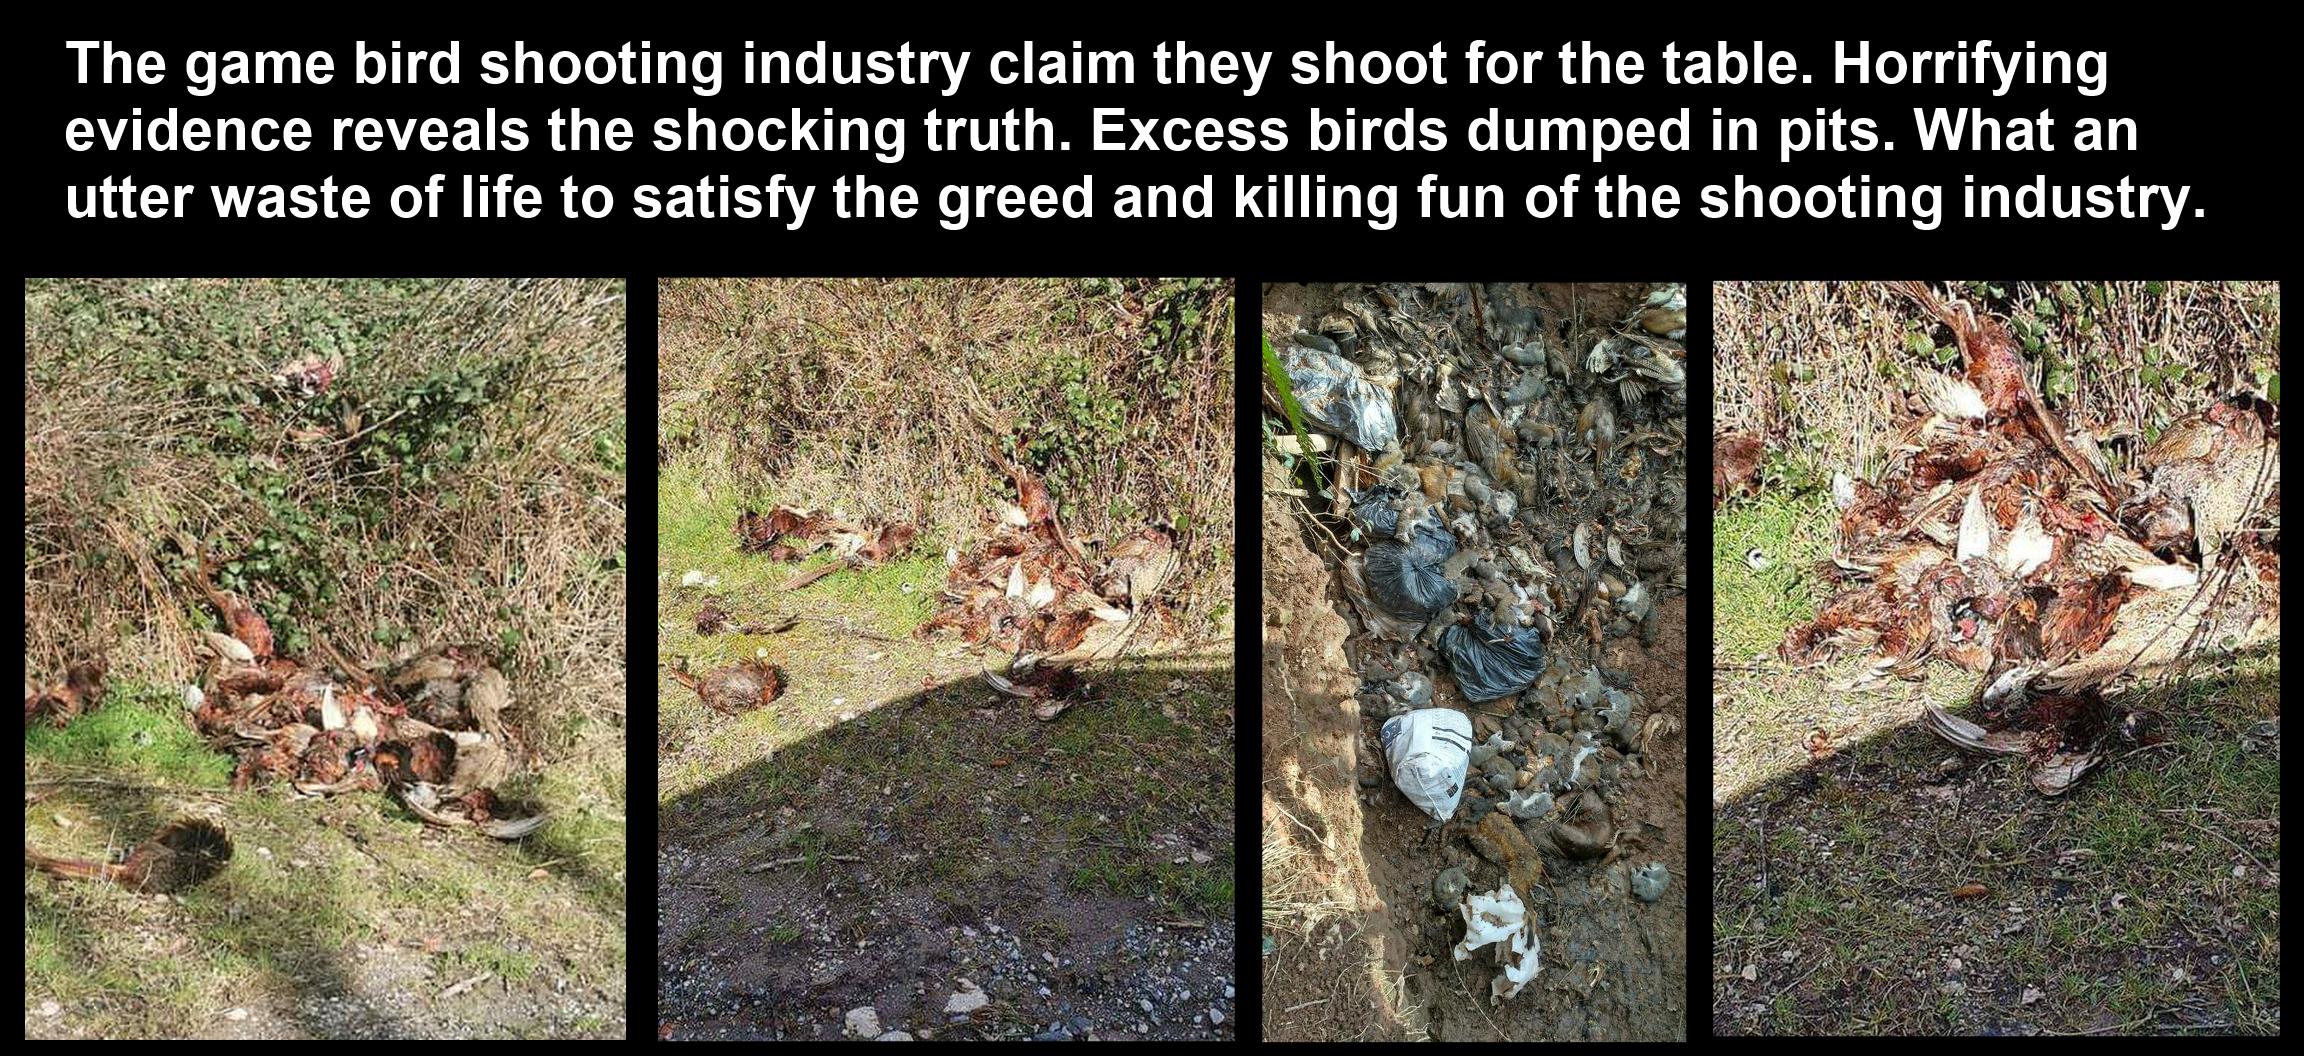 Dead game birds